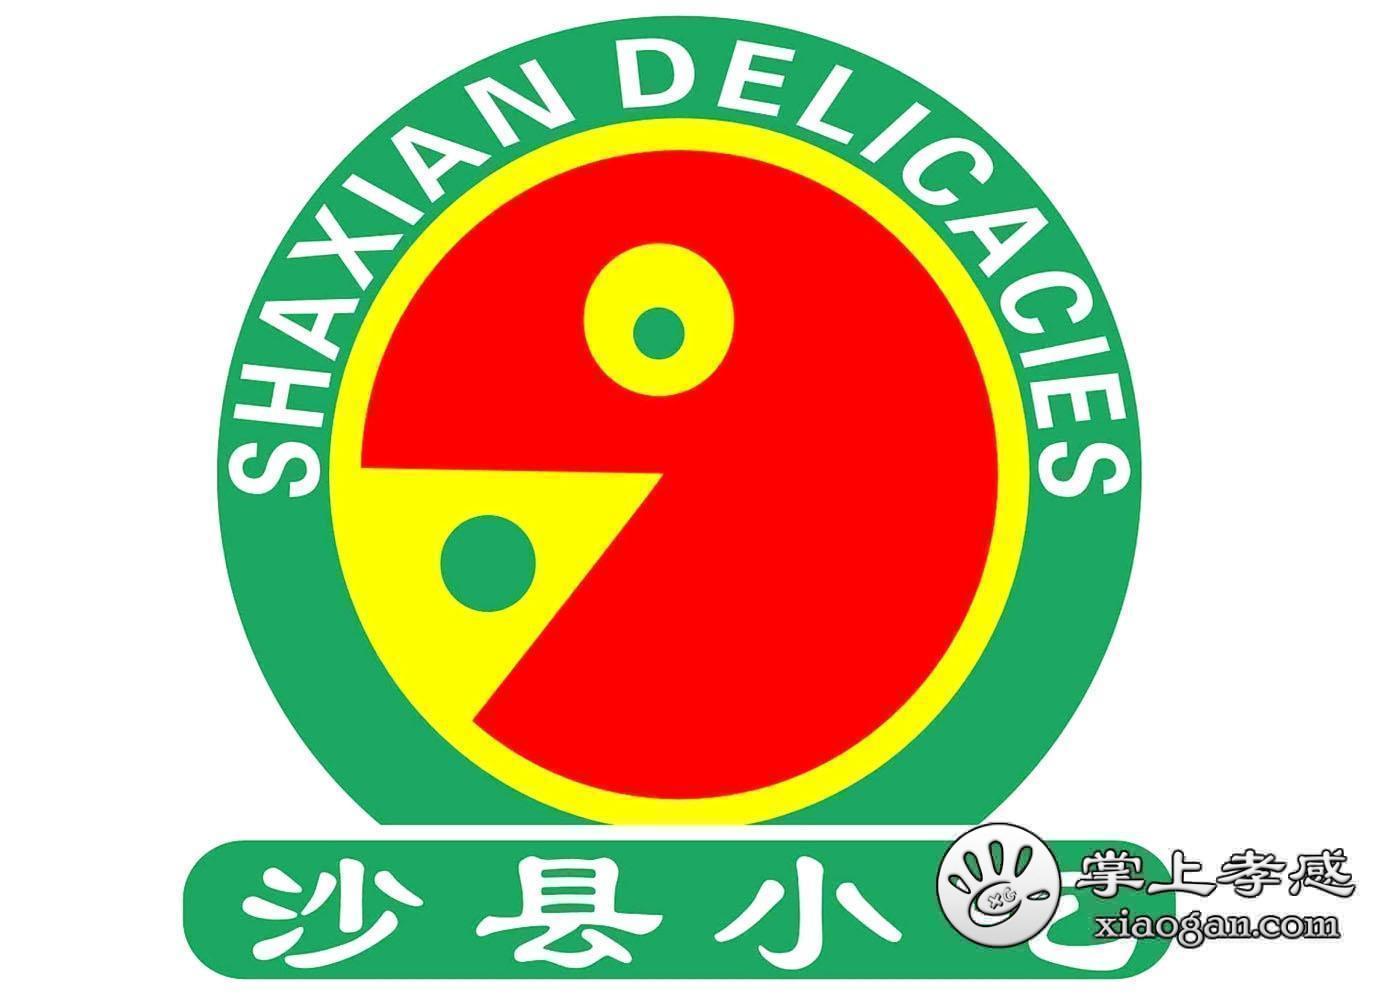 沙县小吃黄焖鸡米饭